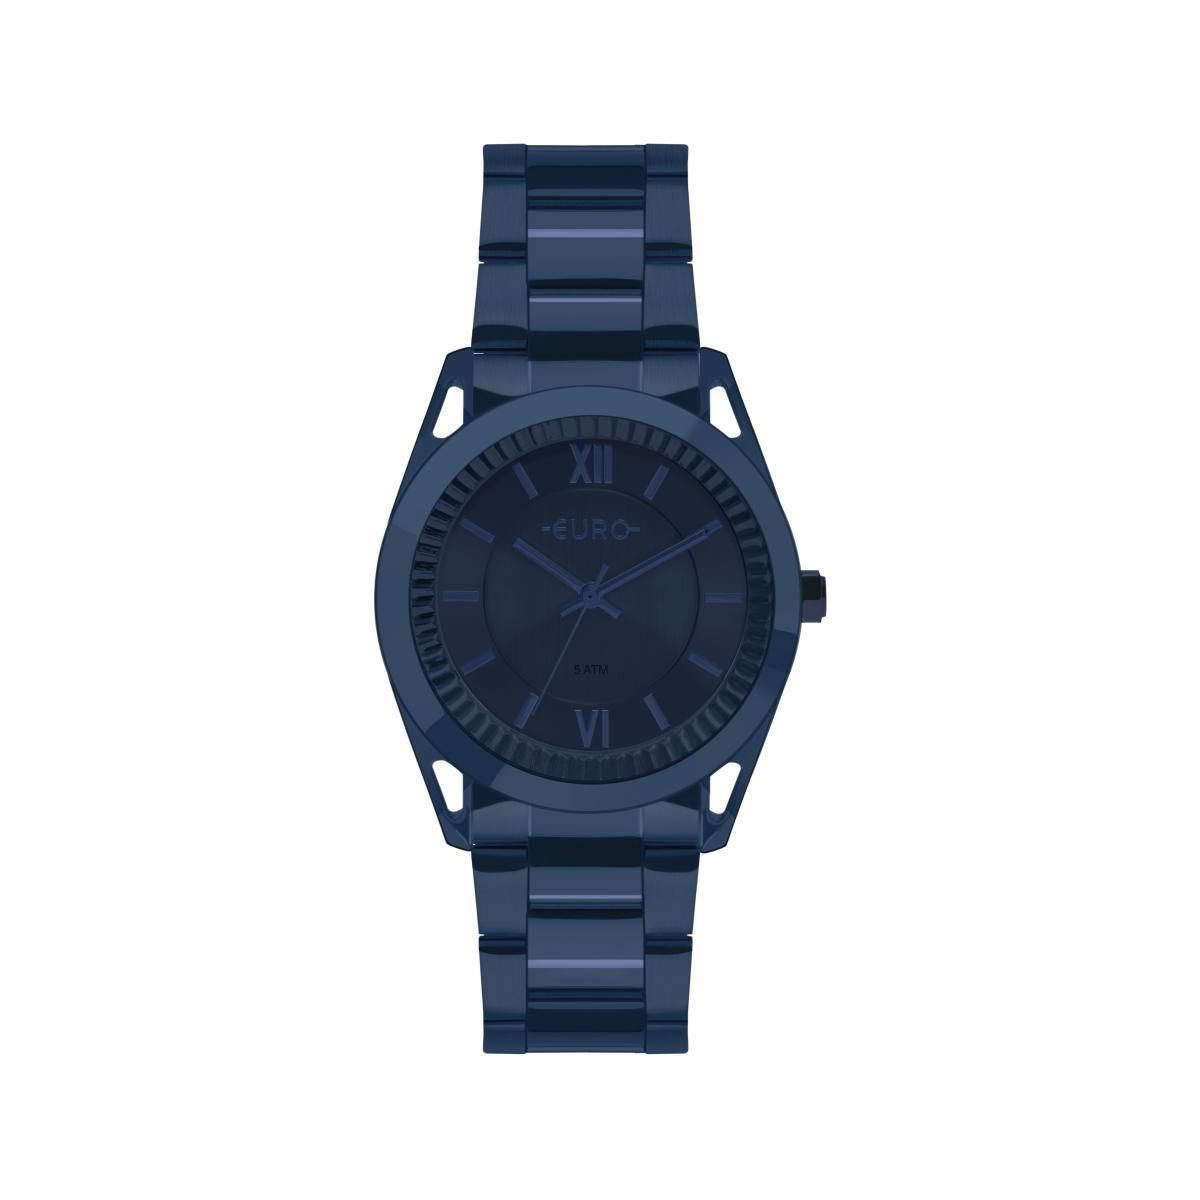 Relógio Feminino Euro EU2035YPQ/4A 38mm Aço Azul